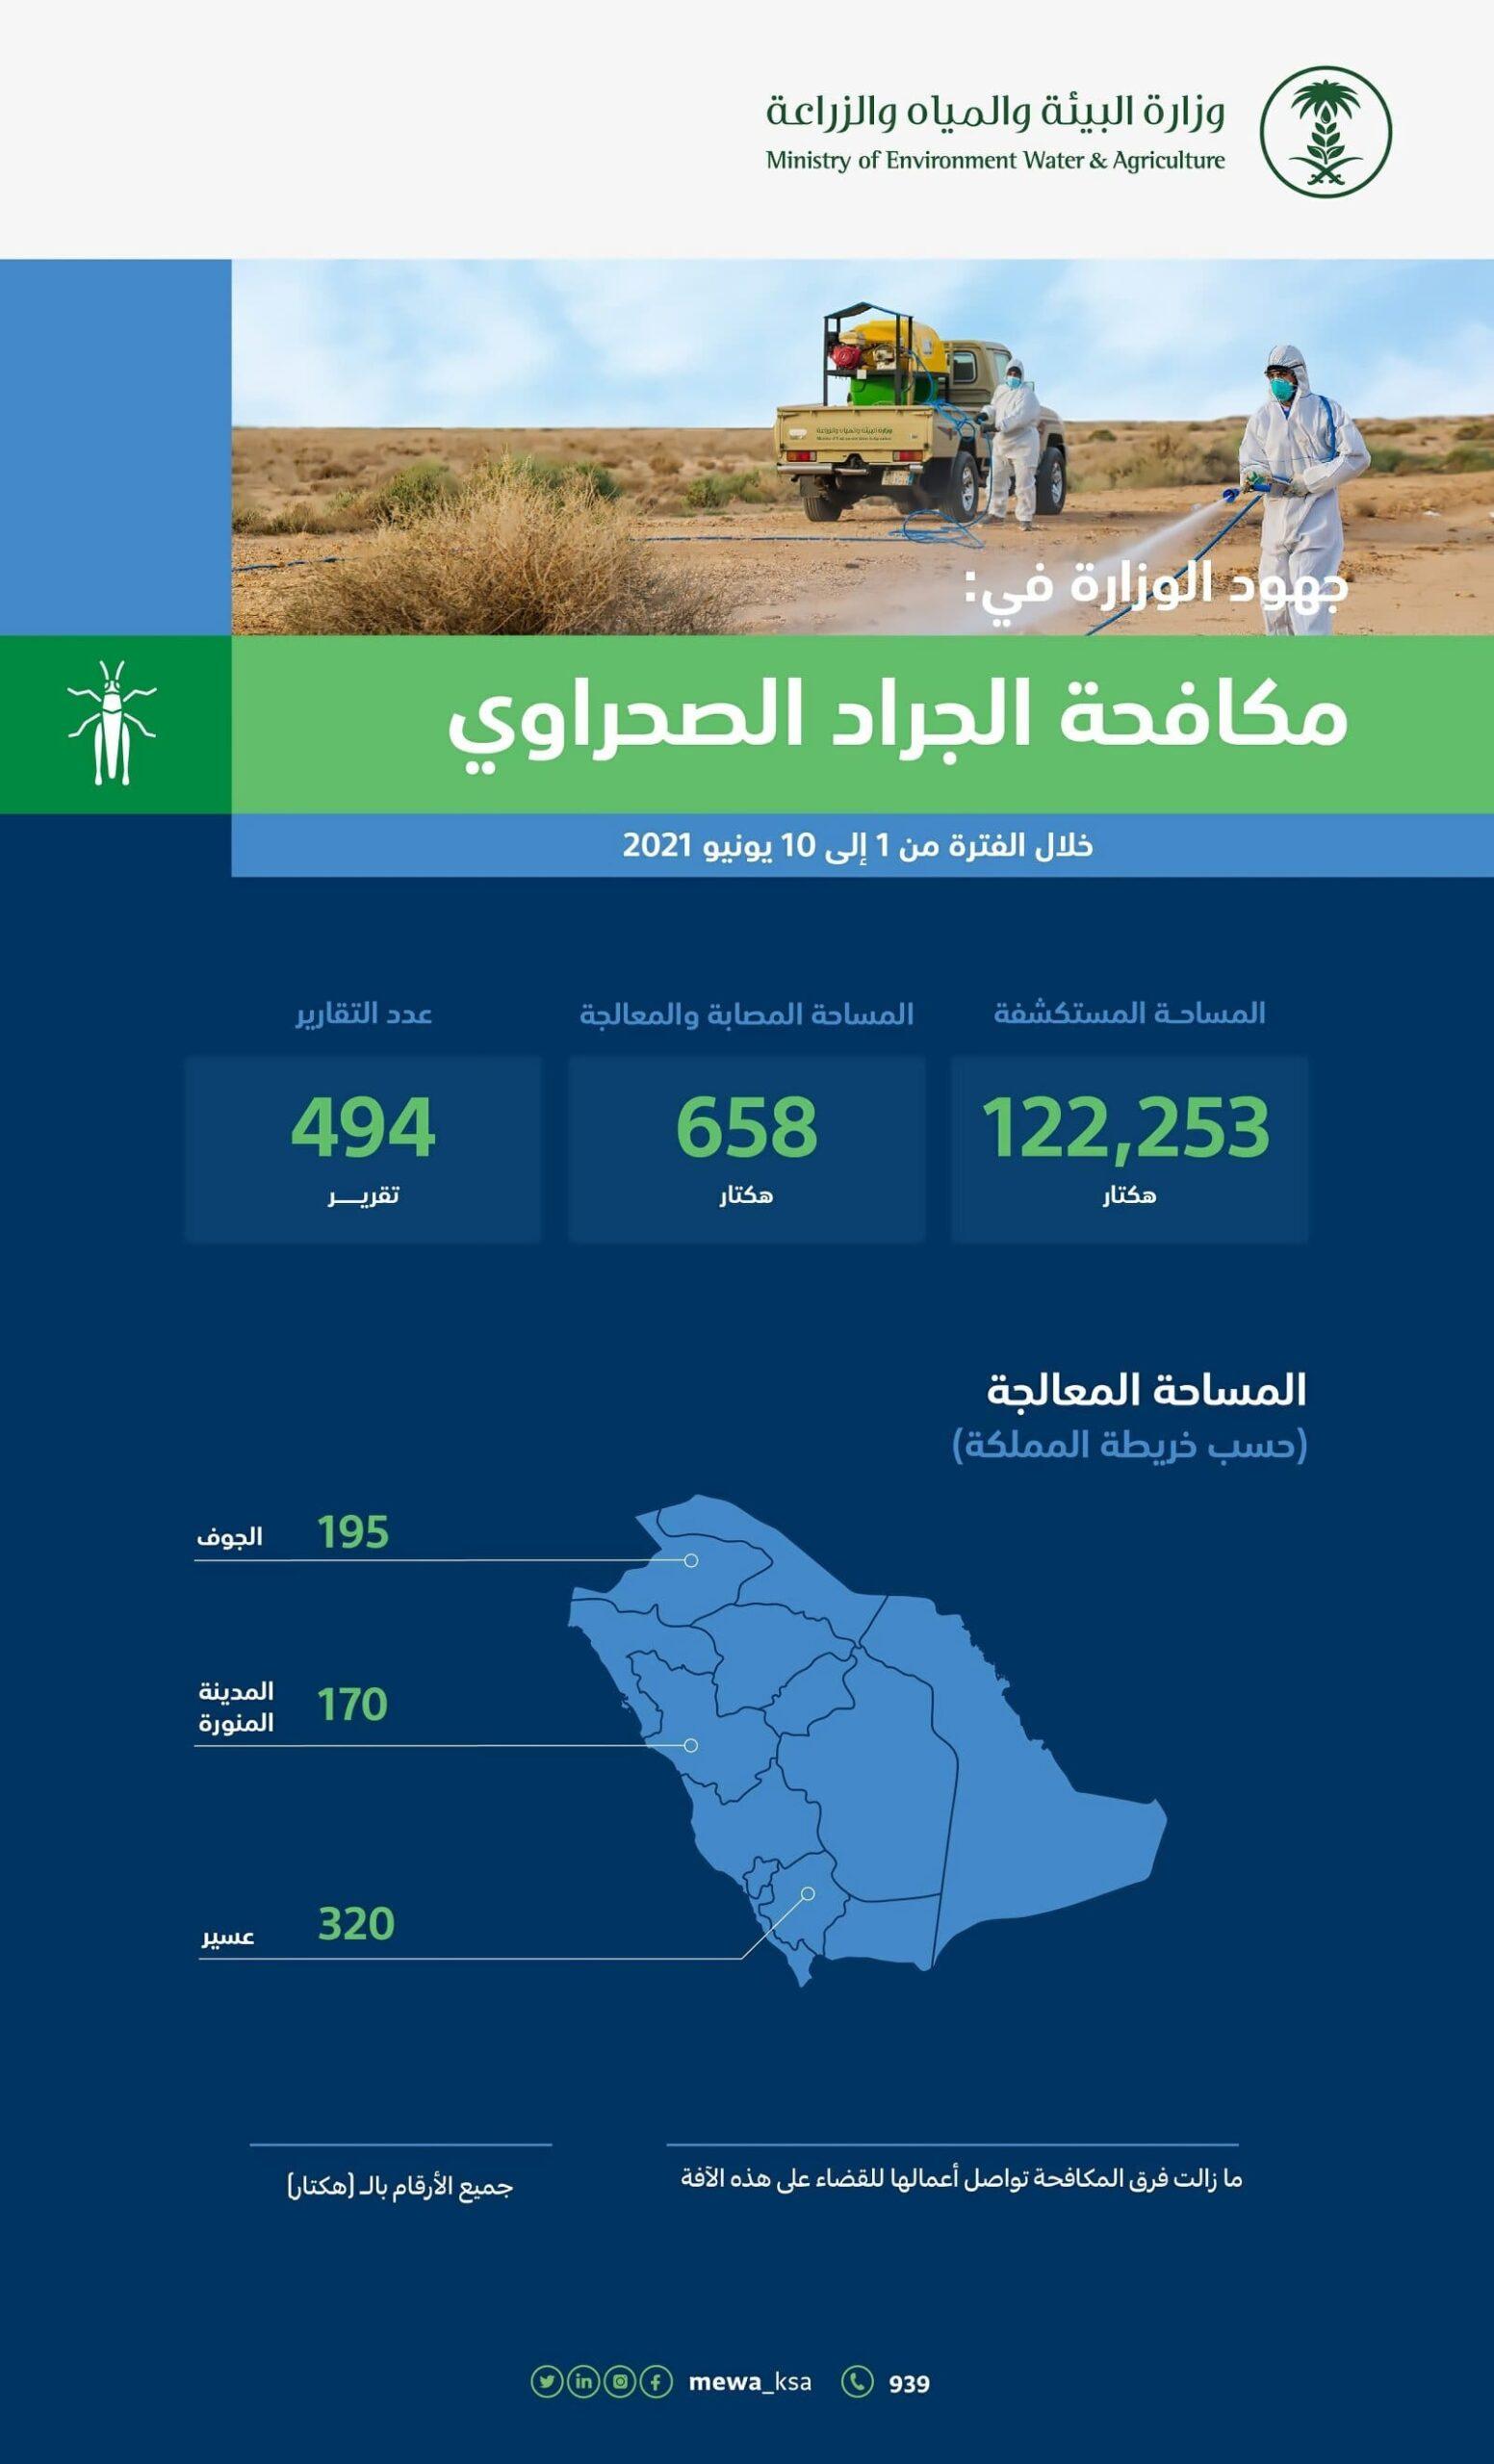 وزارة البيئة السعودية تنفذ حملة واسعة لمكافحة الجراد الصحراوي